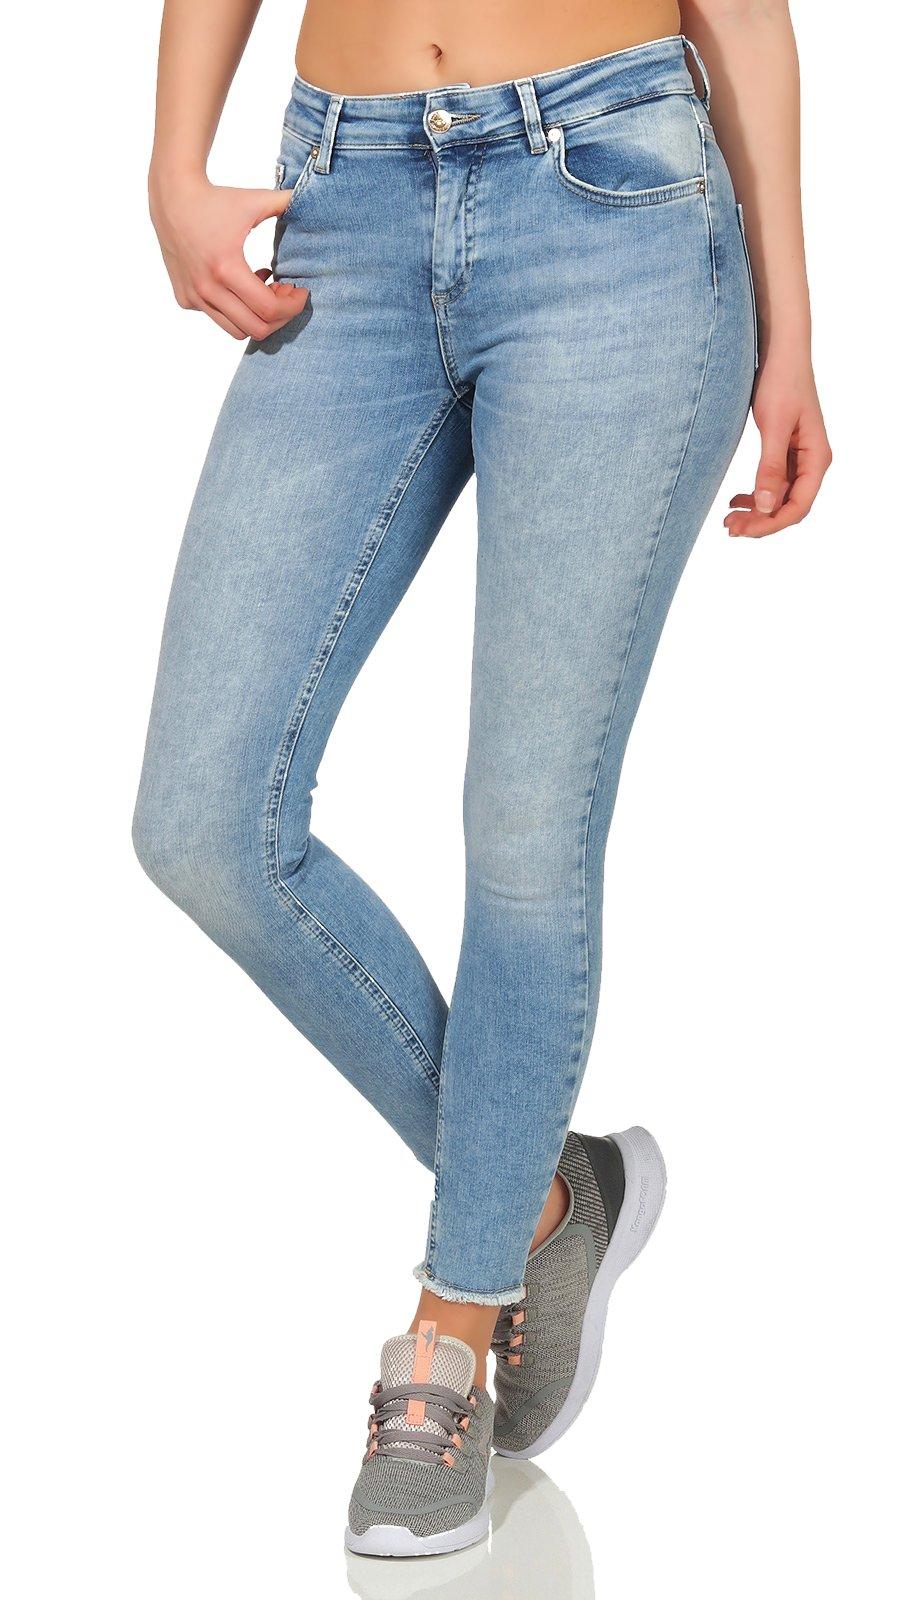 c823396e5d Only Damen Ankle Jeans Blush Mid light blue denim skinny